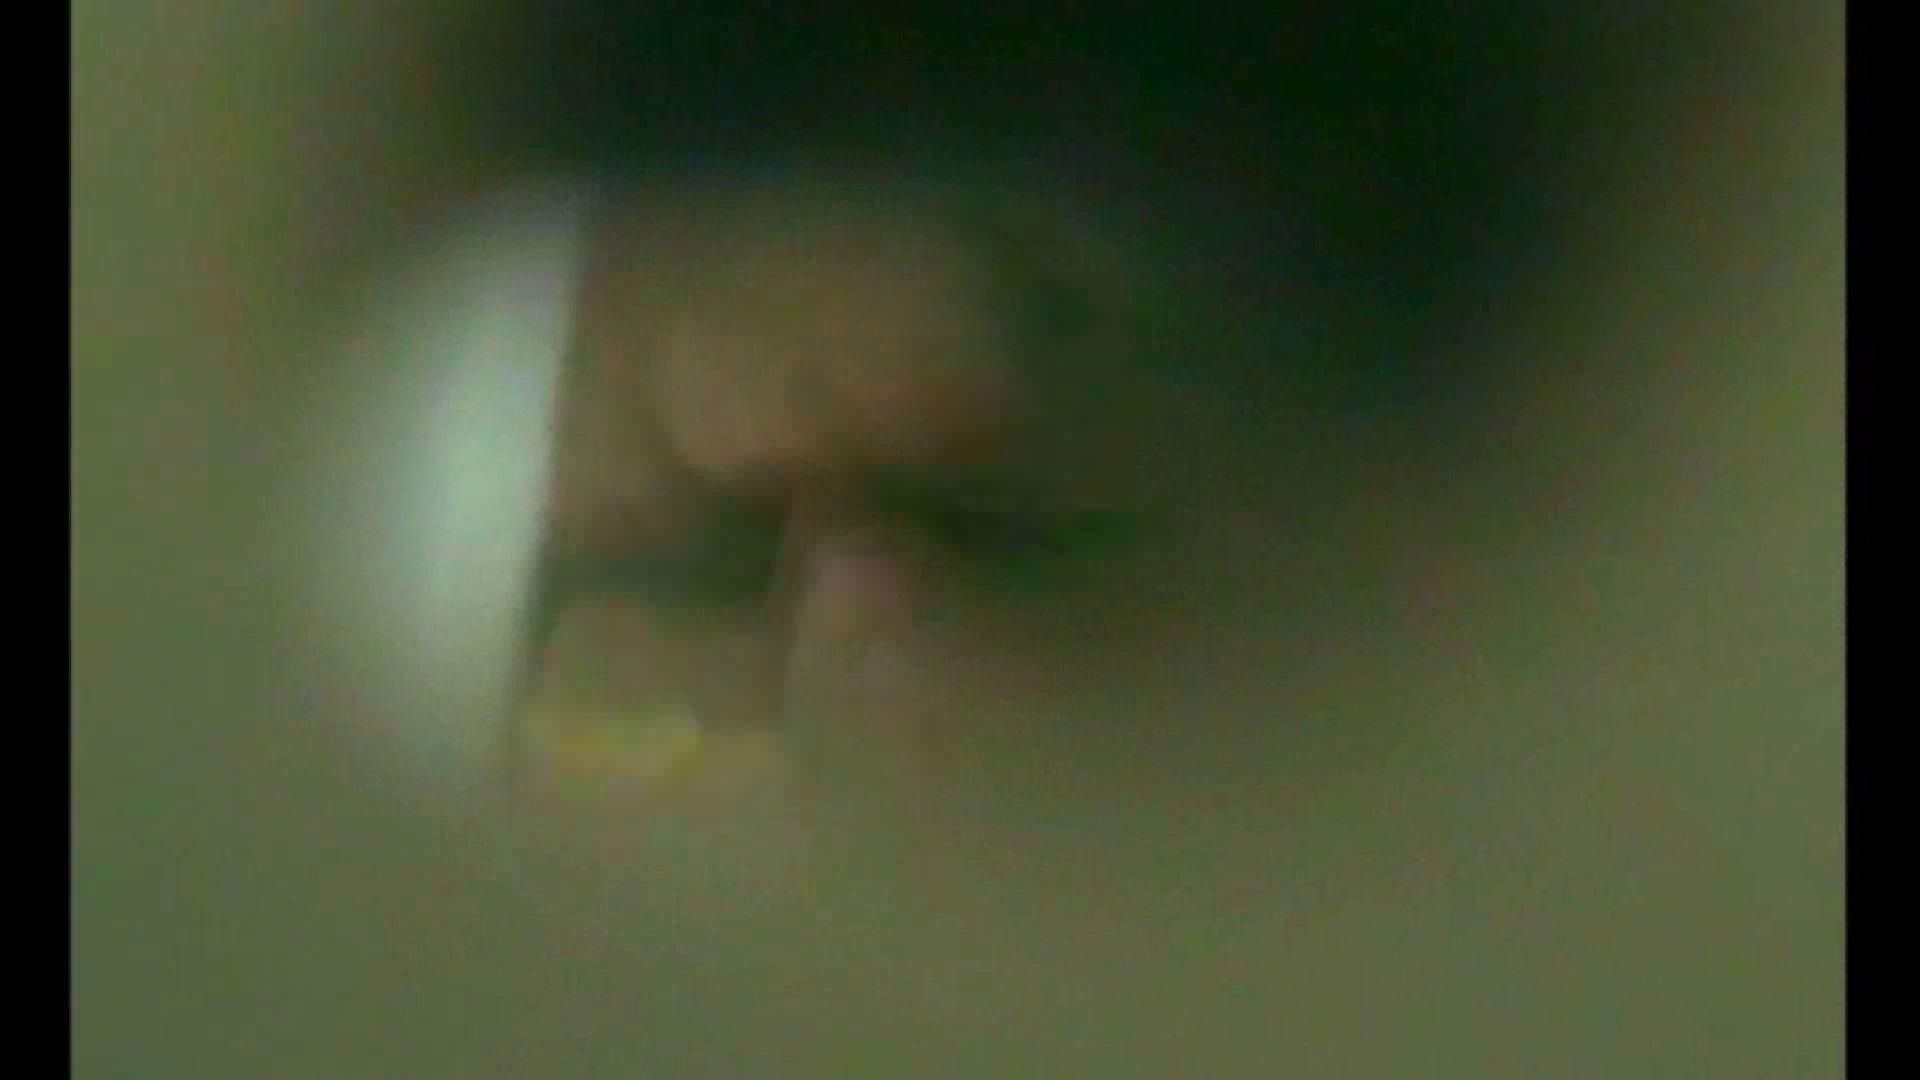 イケメンの素顔in洗面所 Vol.17 おしっこ | イケメンのsex  58pic 40